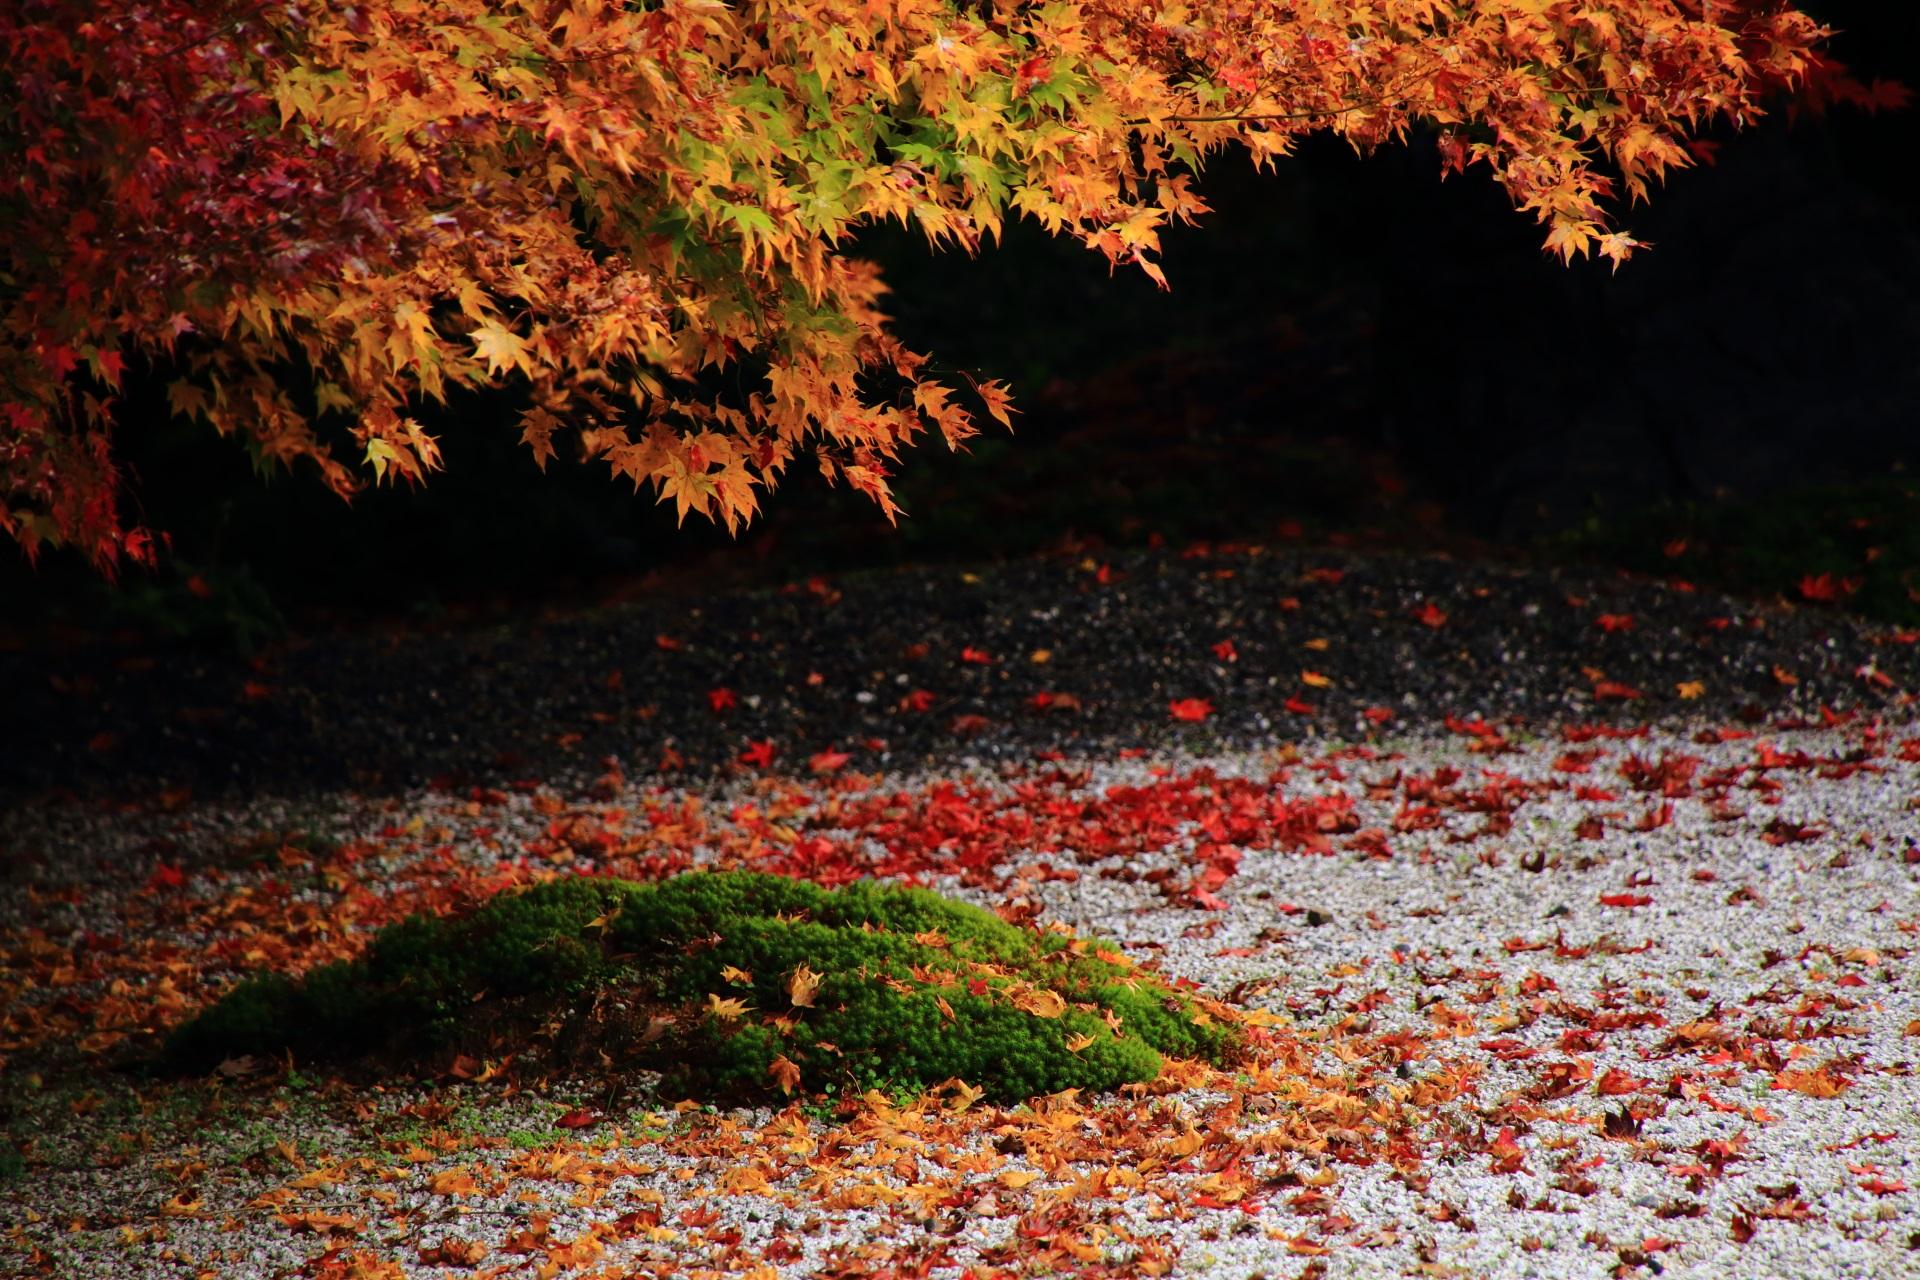 苔や白砂を染めるオレンジ系の散りもみじ